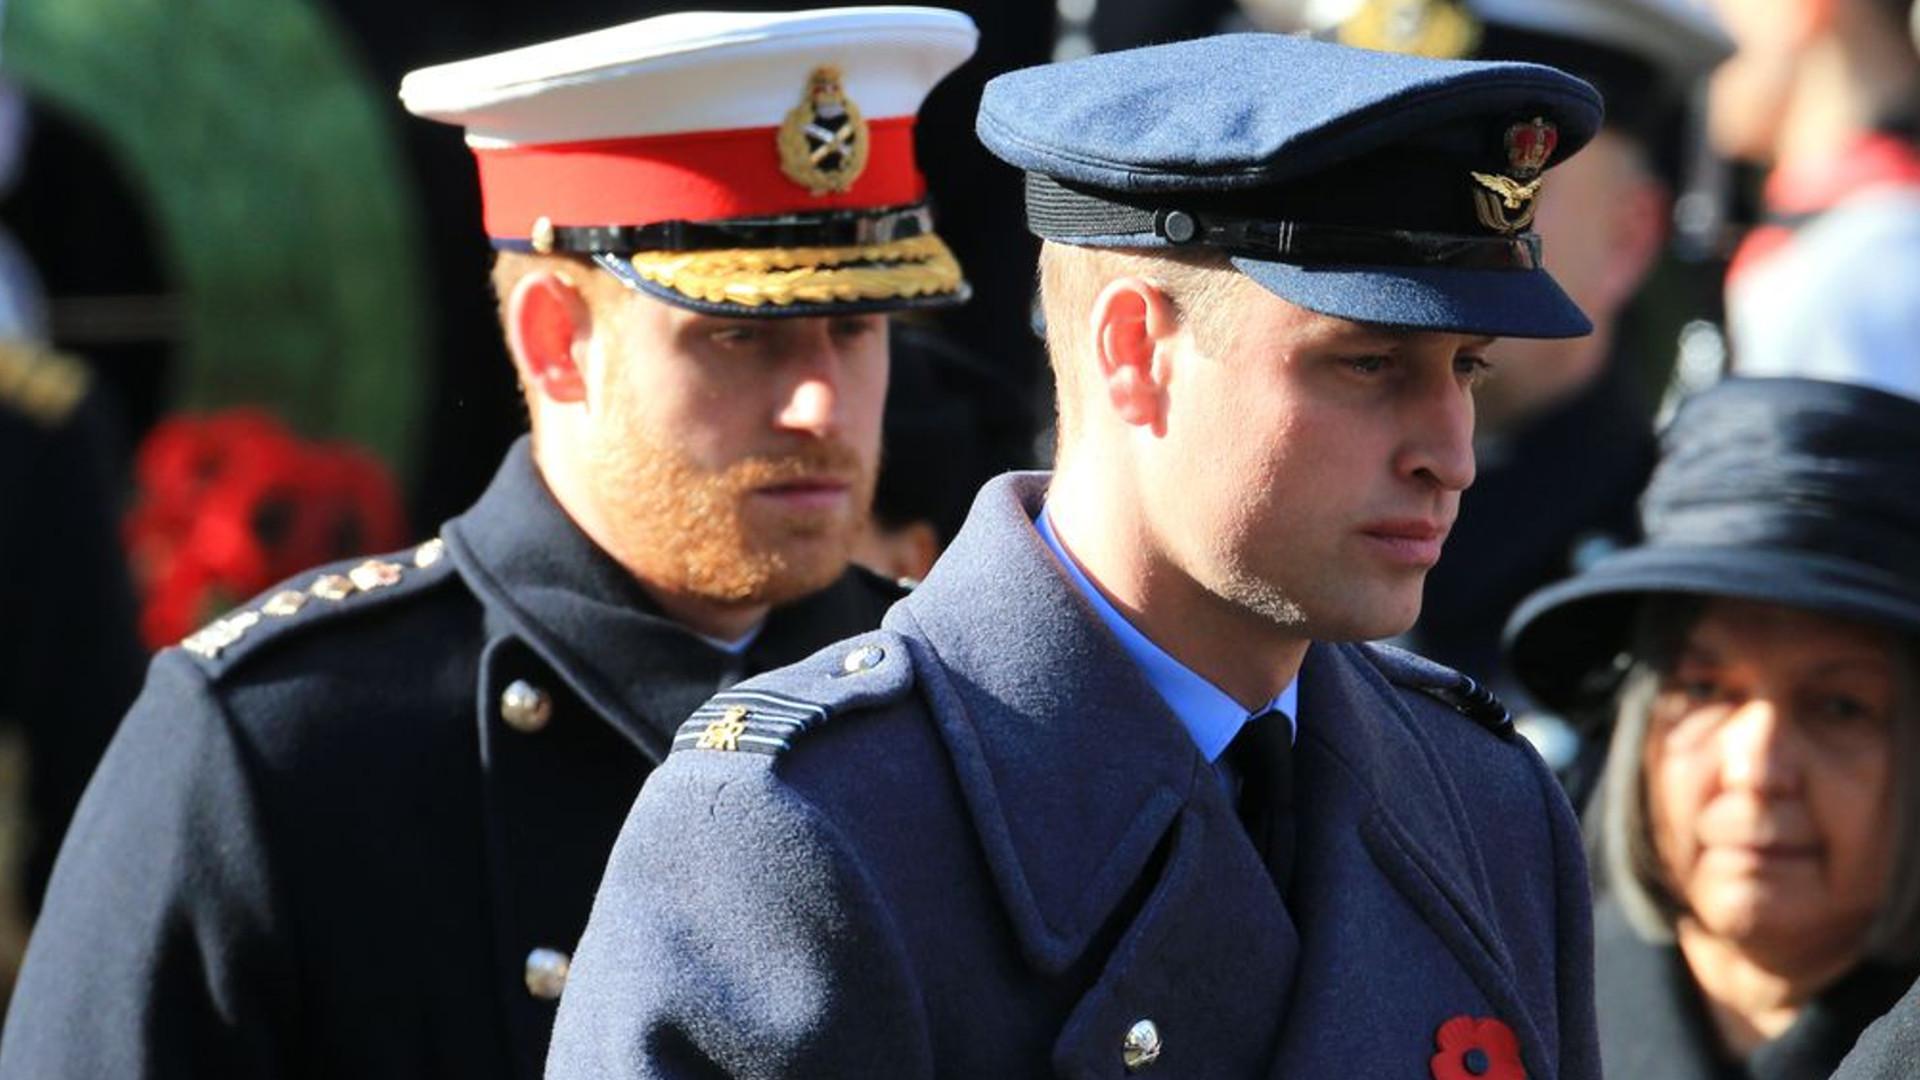 książę Harry i książę William NIE będą szli obok siebie na pogrzebie księcia Filipa! Oficjalne stanowisko rzecznika